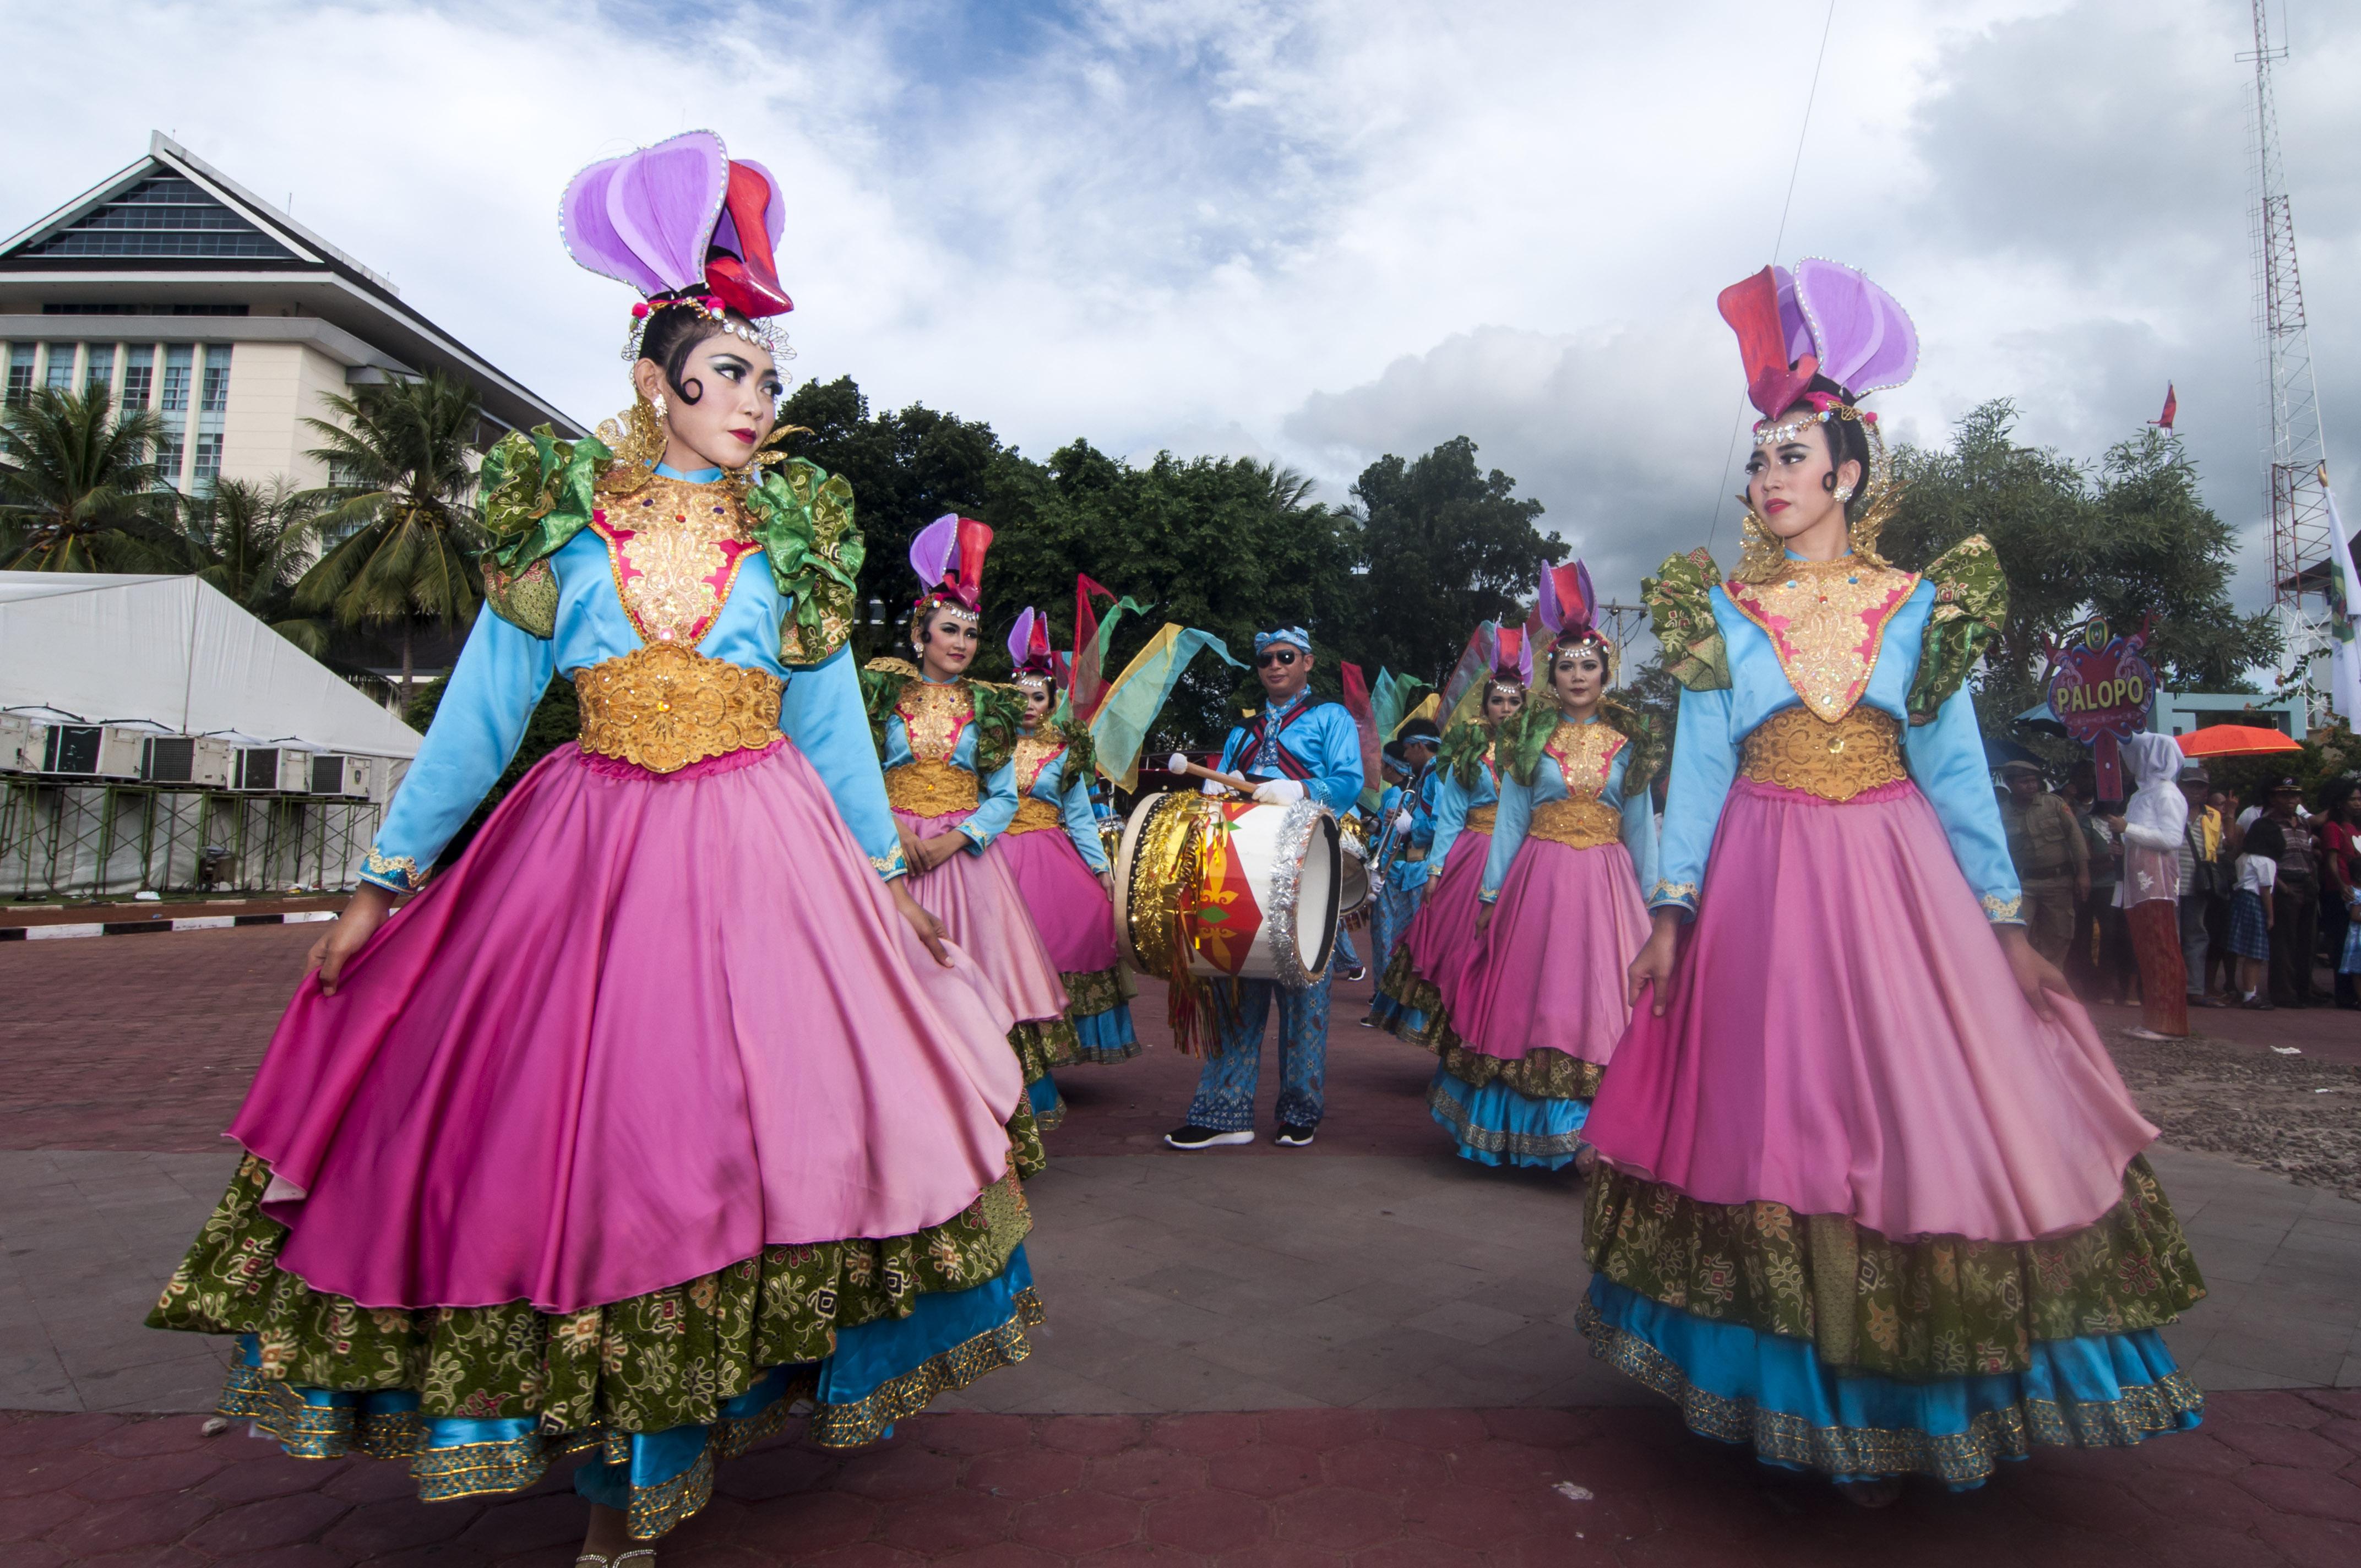 Sejumlah seniman asal Kota Tangerang Selatan menampilkan kreasi busana unik dalam Karnaval Budaya di Lapangan Merdeka Ambon, Maluku, Rabu (6/5). Karnaval dalam rangka pembukaan pameran Inconesia City Expo (ICE) 2015, yang akan berlangsung sampai Minggu (10/5) ini, diikuti perwakilan dari 98 kota yang ada di Indonesia, menampilkan produk unggulan masing-masing kota. ANTARA FOTO/Embong Salampessy.